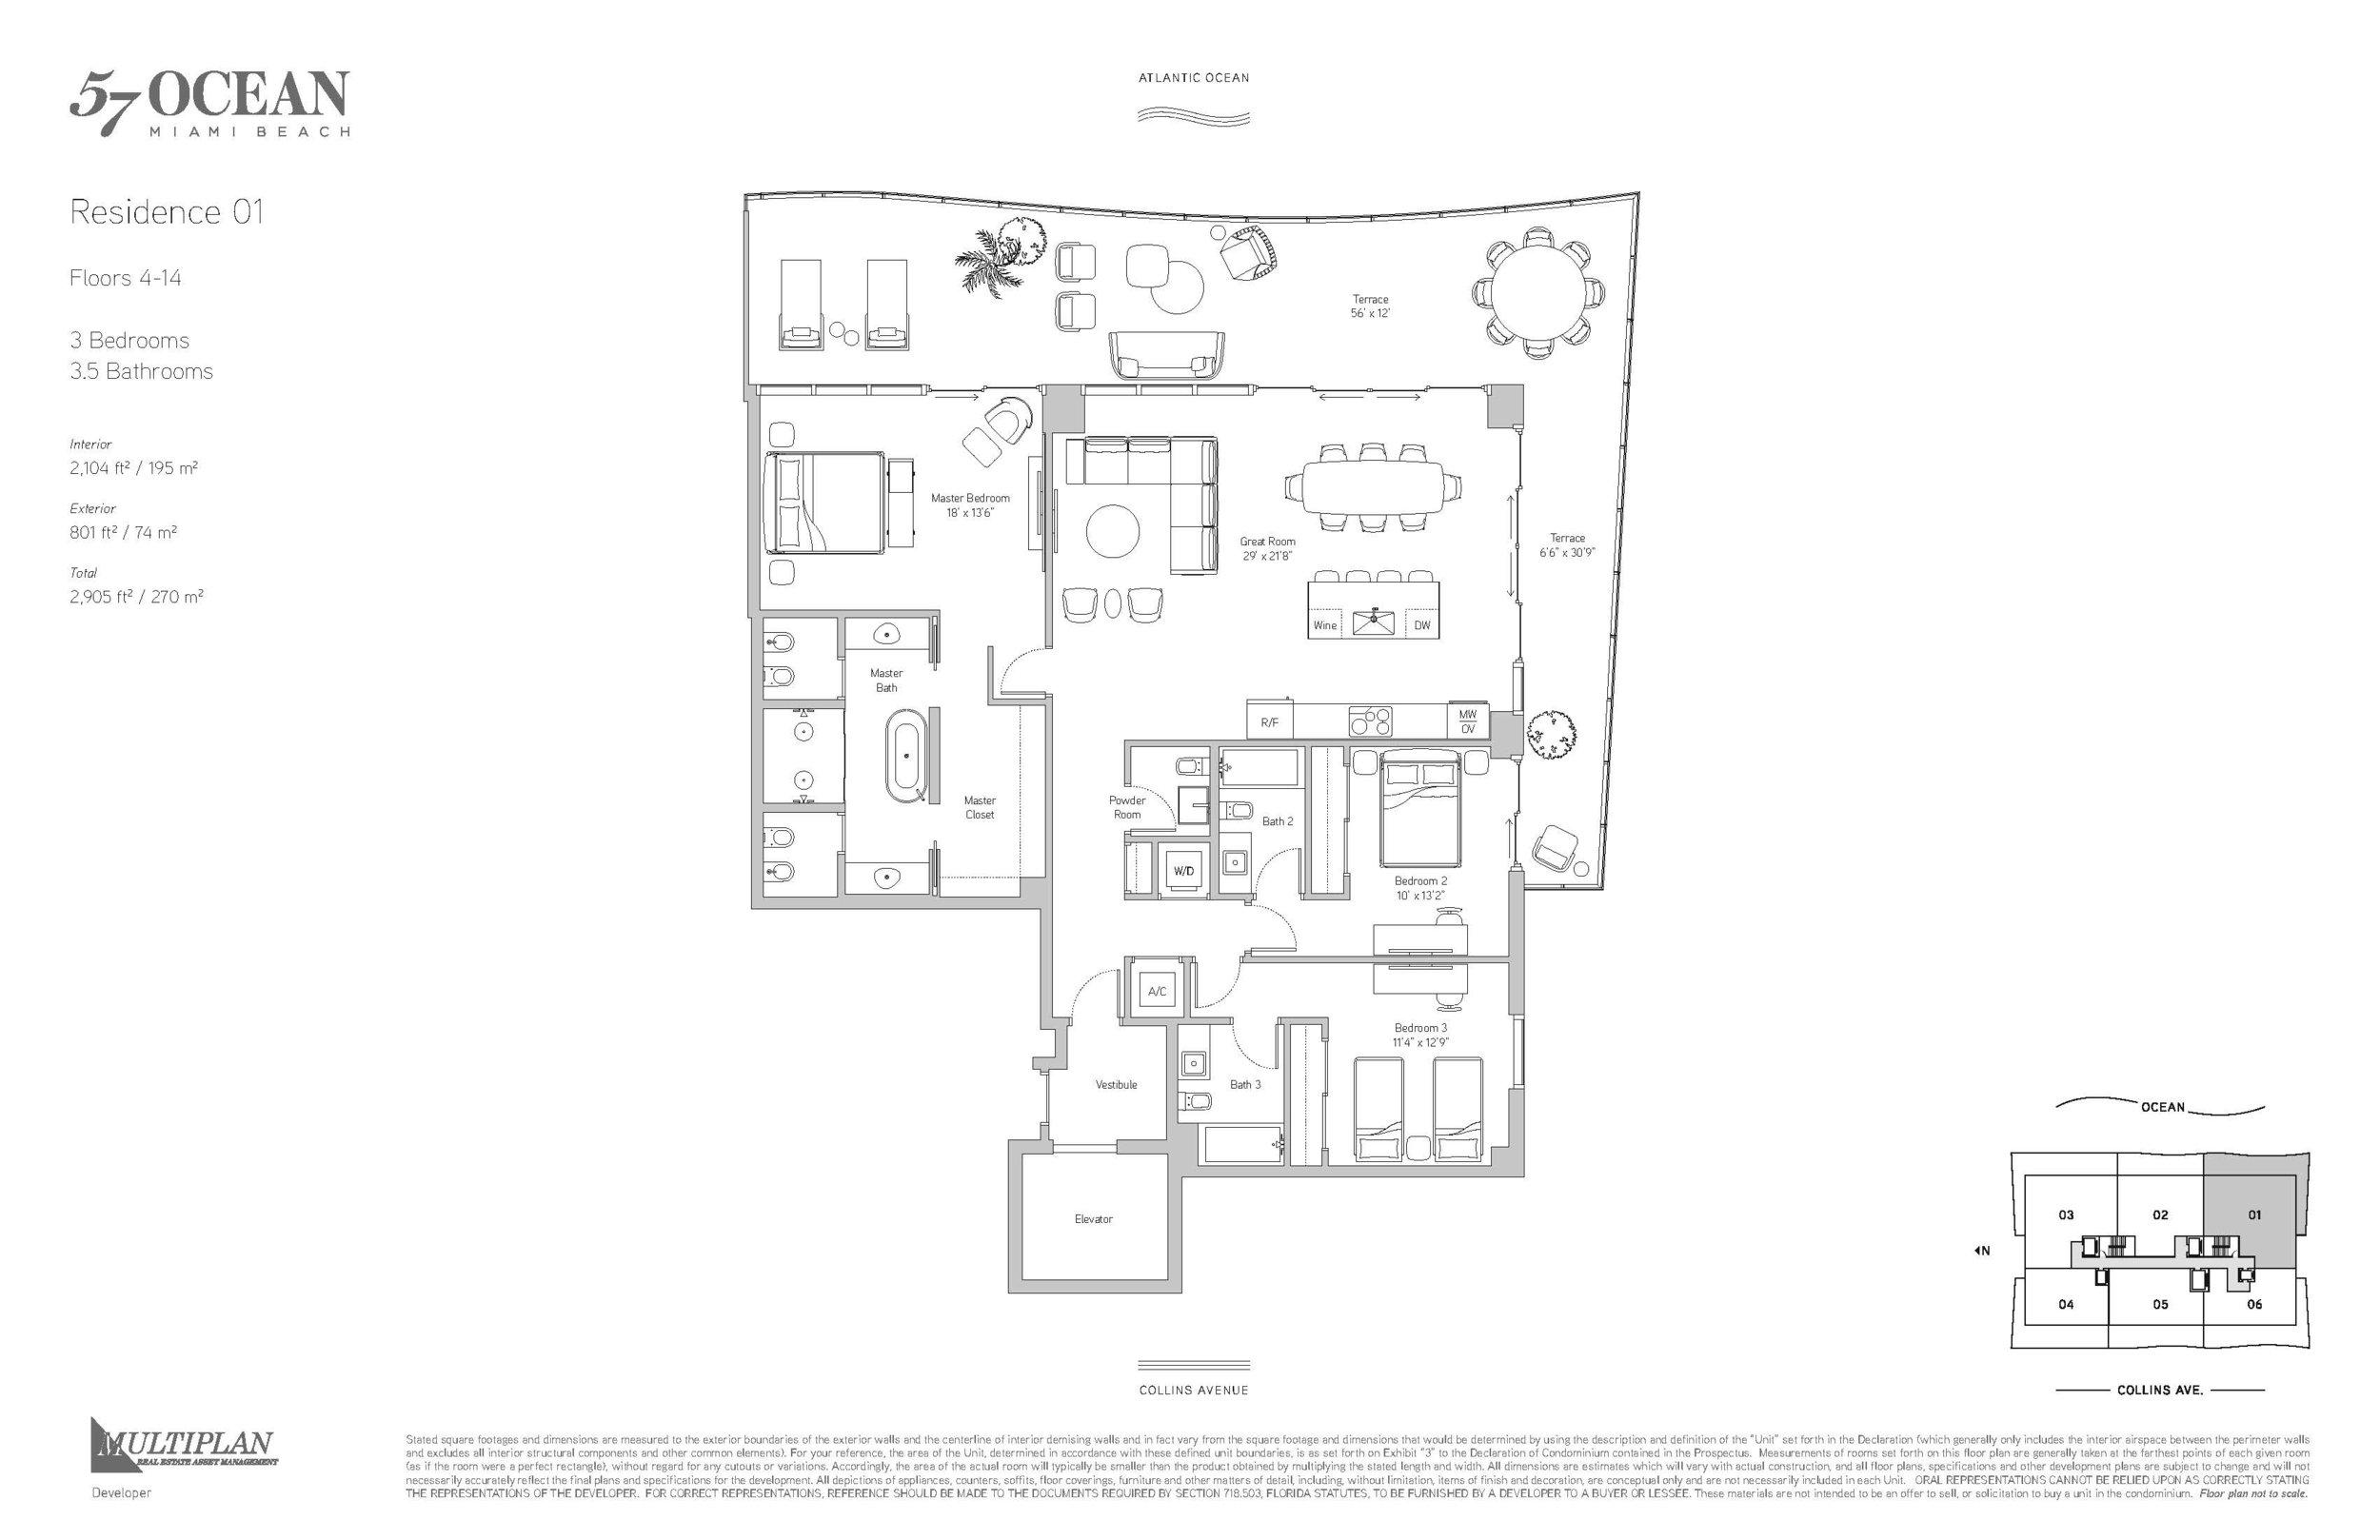 57 Ocean Floor Plans - 3 Bedrooms 01-Line